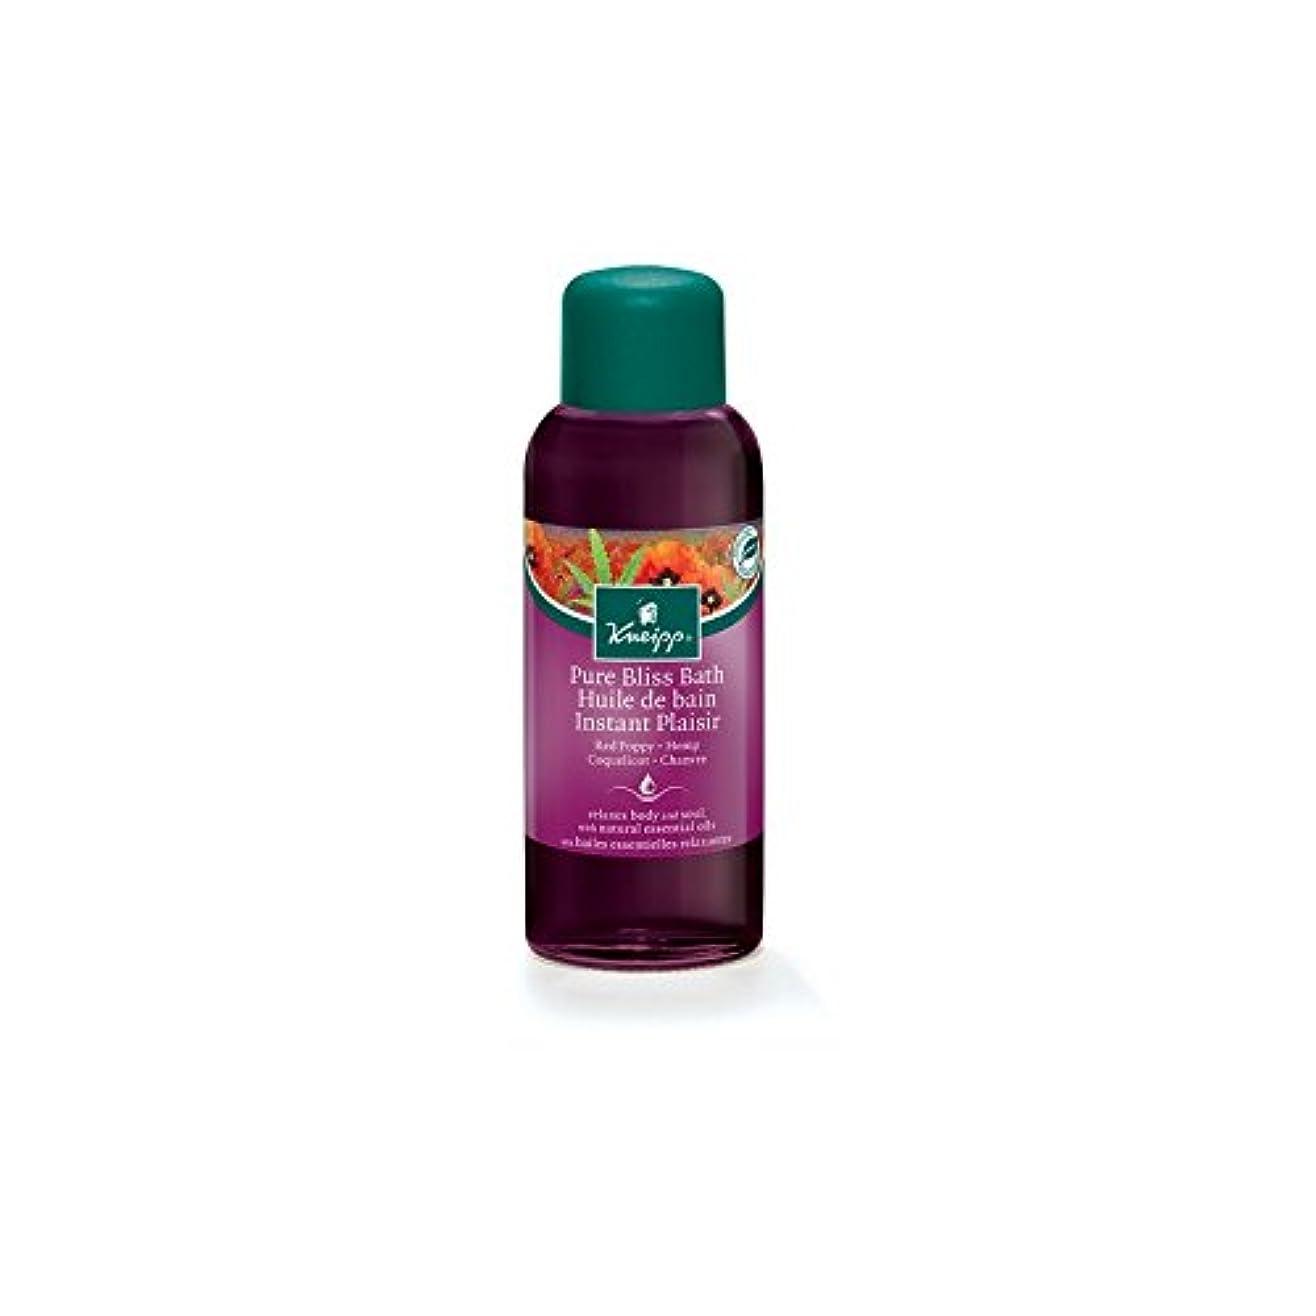 平均型意志に反するKneipp Pure Bliss Herbal Red Poppy and Hemp Bath Oil (100ml) (Pack of 6) - クナイプ純粋な至福ハーブの赤いケシと麻バスオイル(100ミリリットル)...